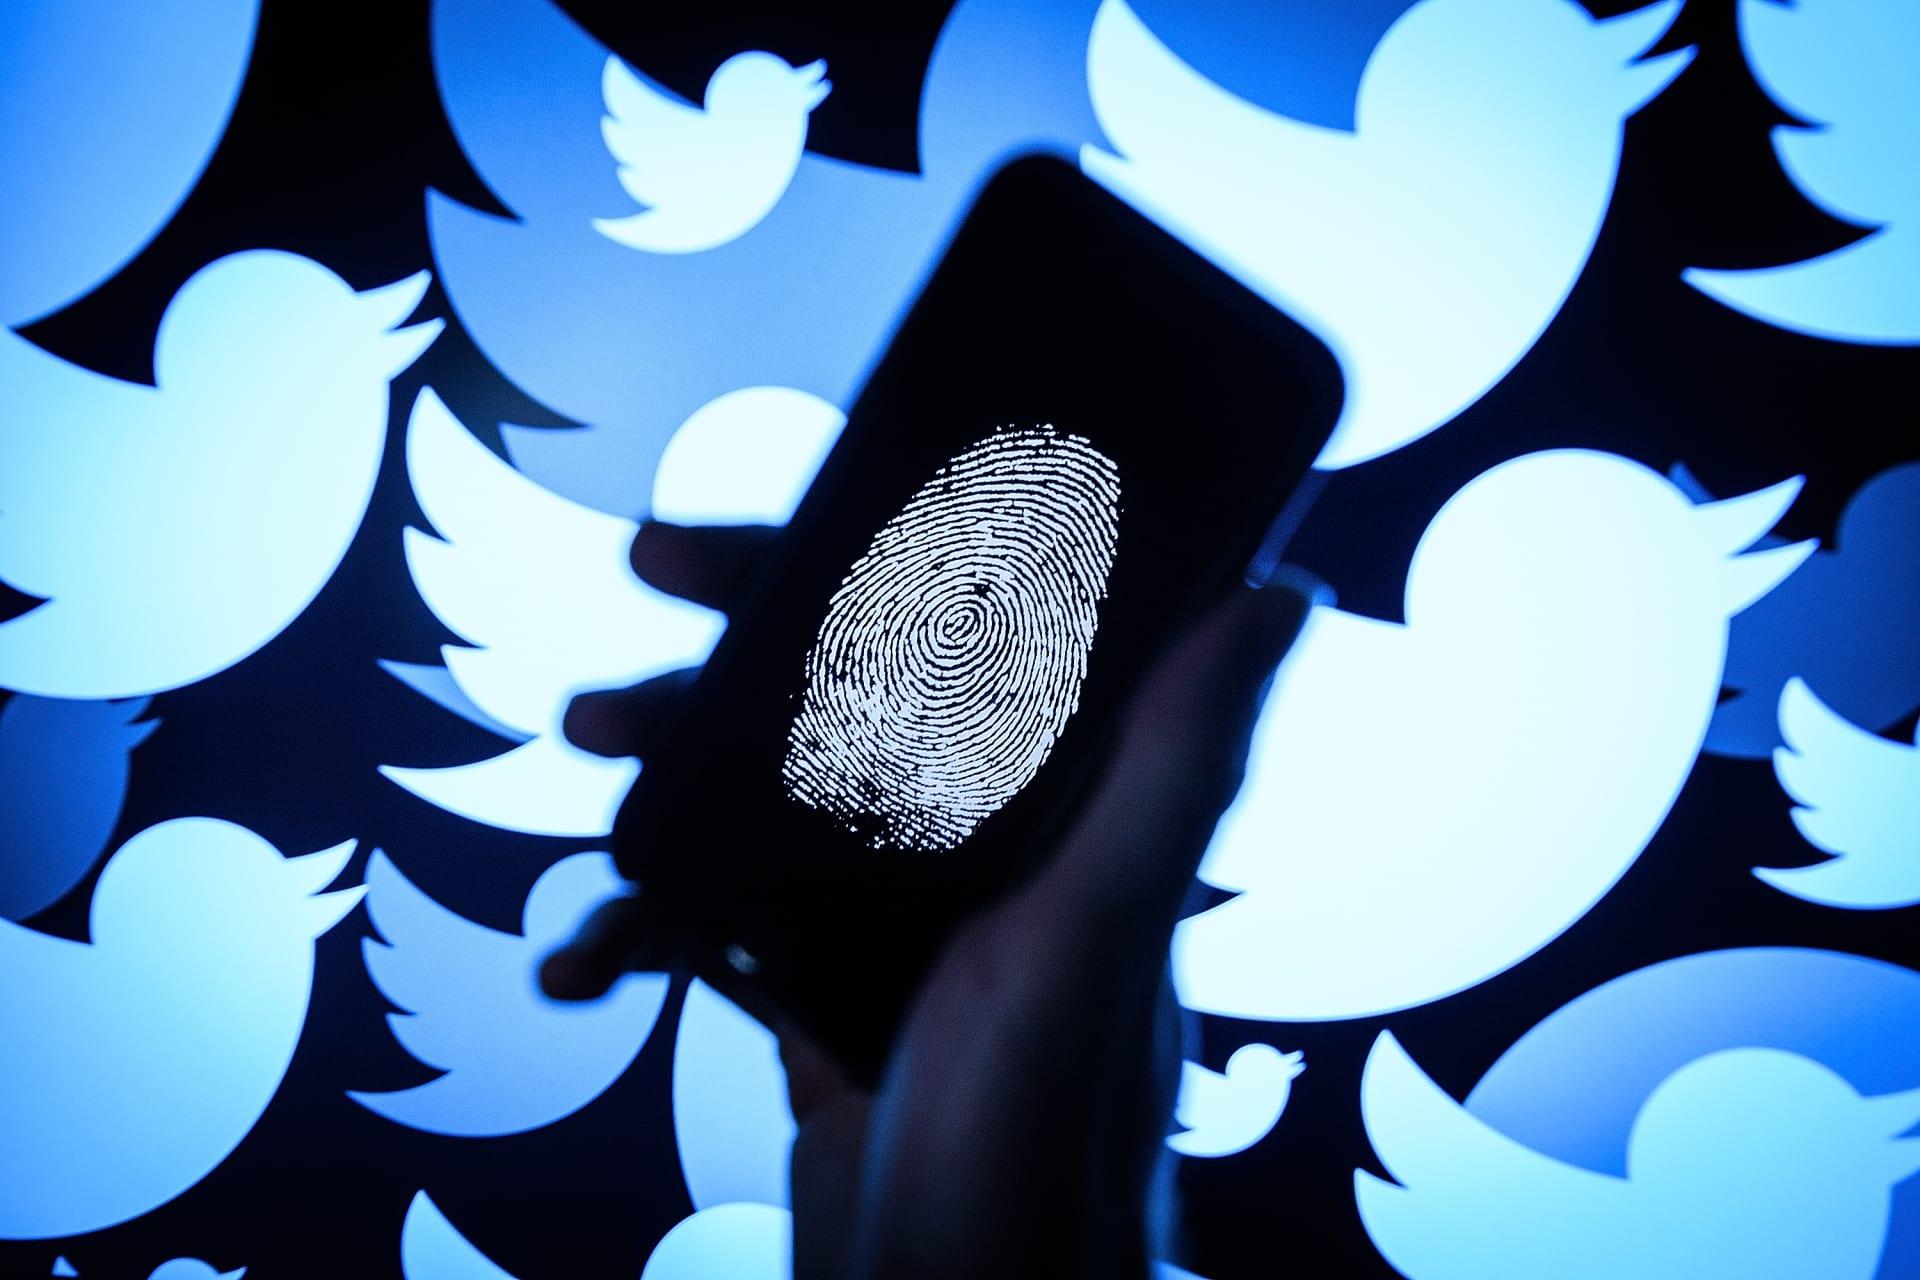 تويتر تؤكد تحميل معلومات شخصية من 8 حسابات تعرضت للاختراق